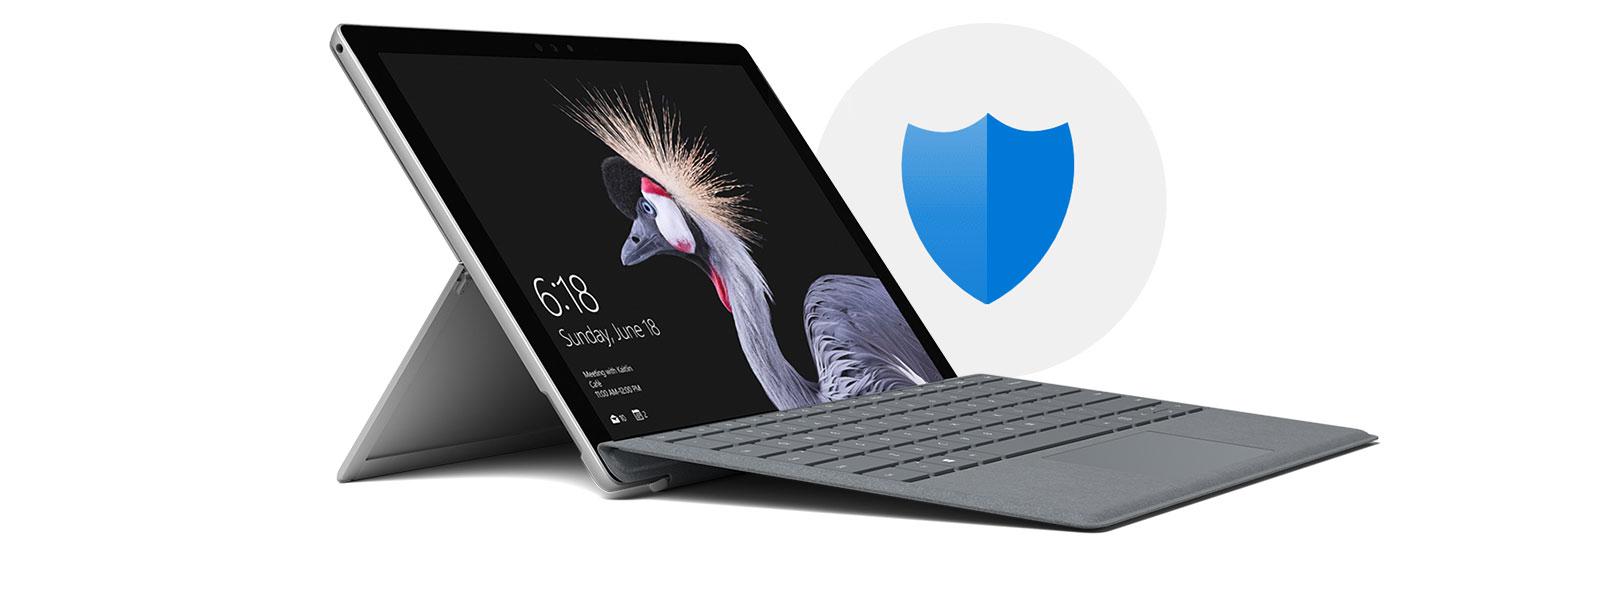 Bilde av Surface Pro og et sikkerhetsbeskyttelsesikon i bakgrunnen